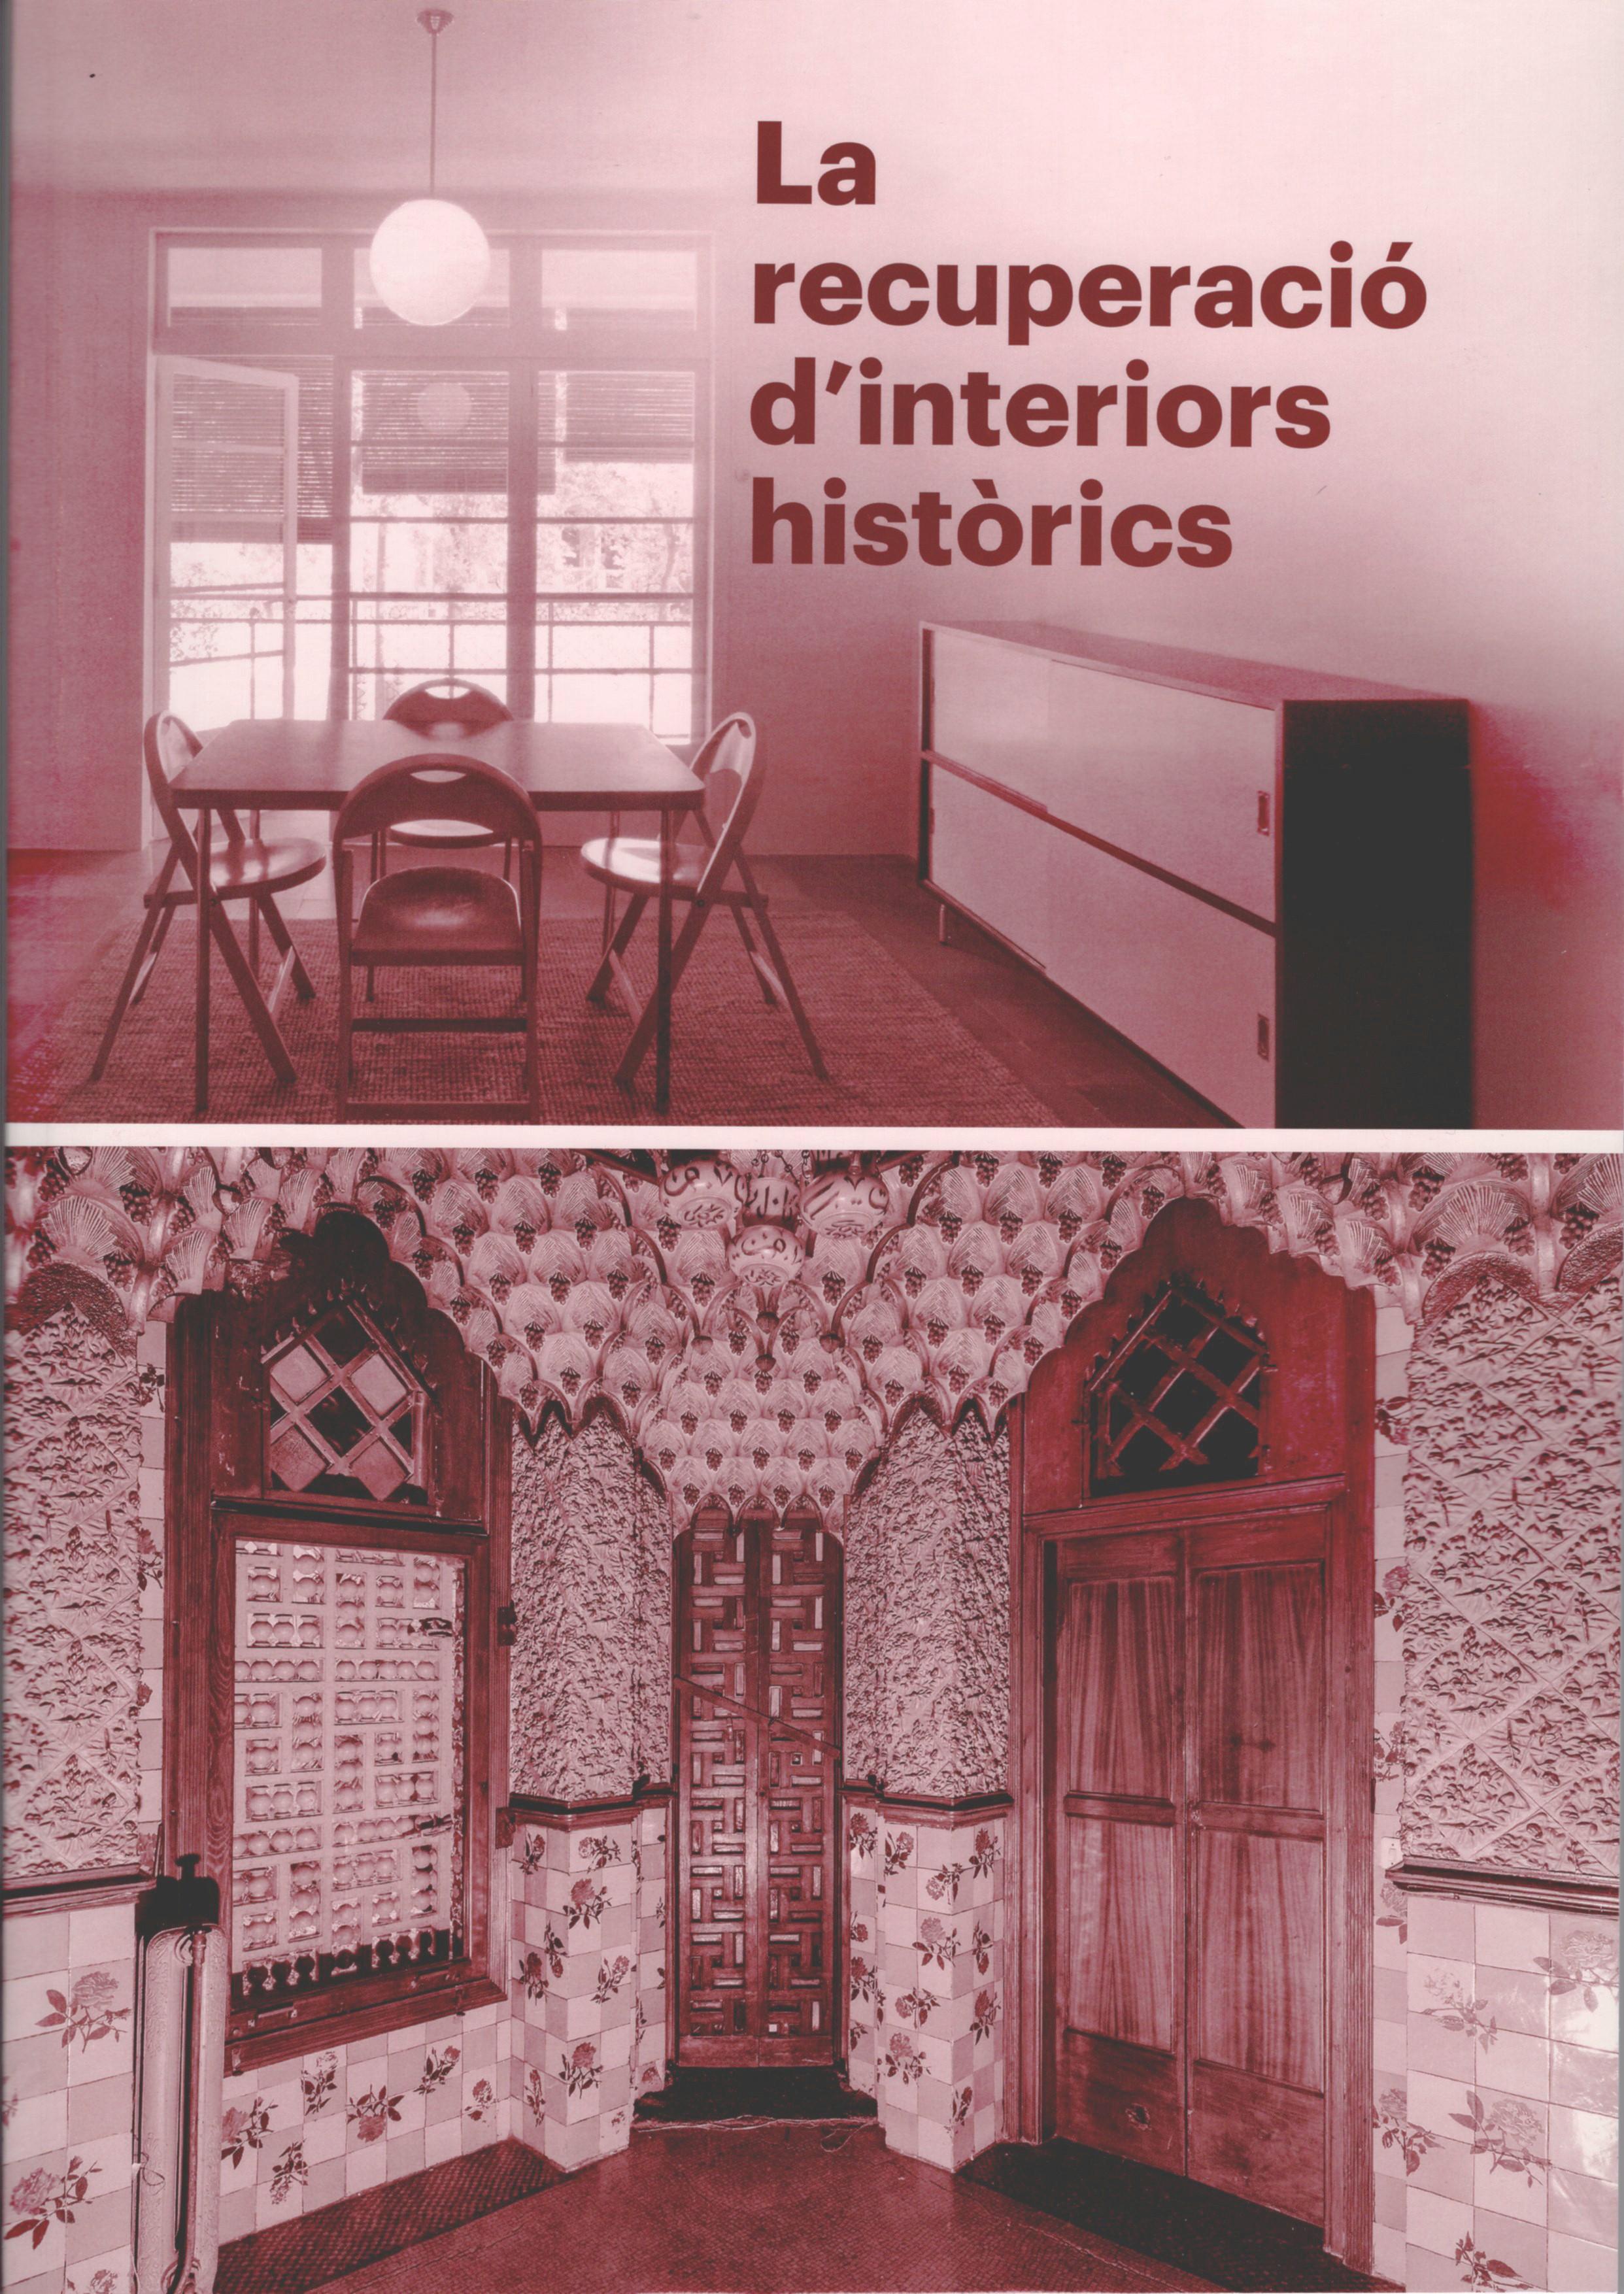 Associaci per a l estudi del moble f rum de les arts i for Escoles de disseny d interiors a barcelona